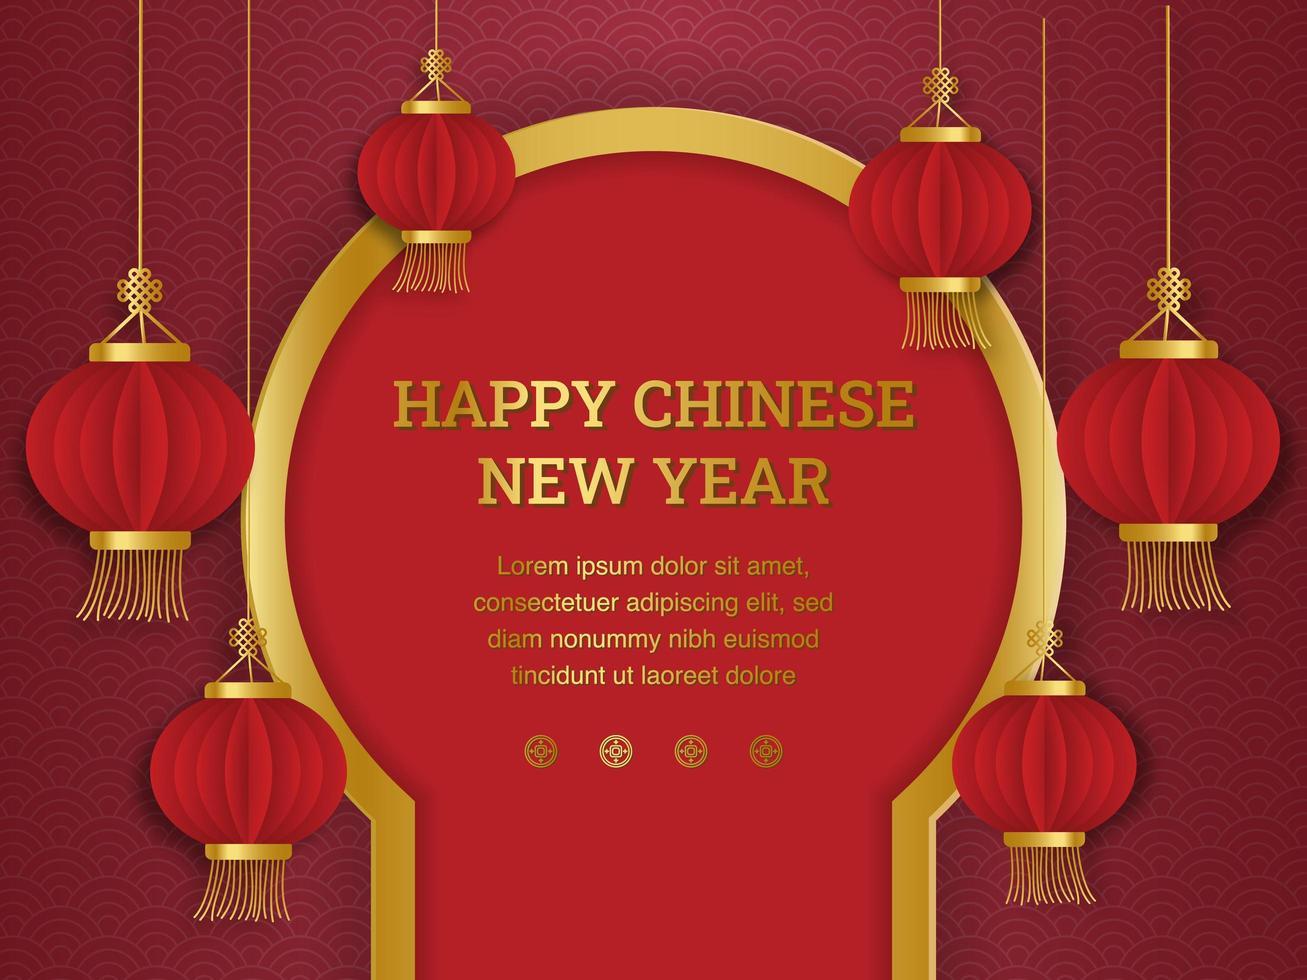 papier gesneden stijl Chinese lantaarns voor de deur vector